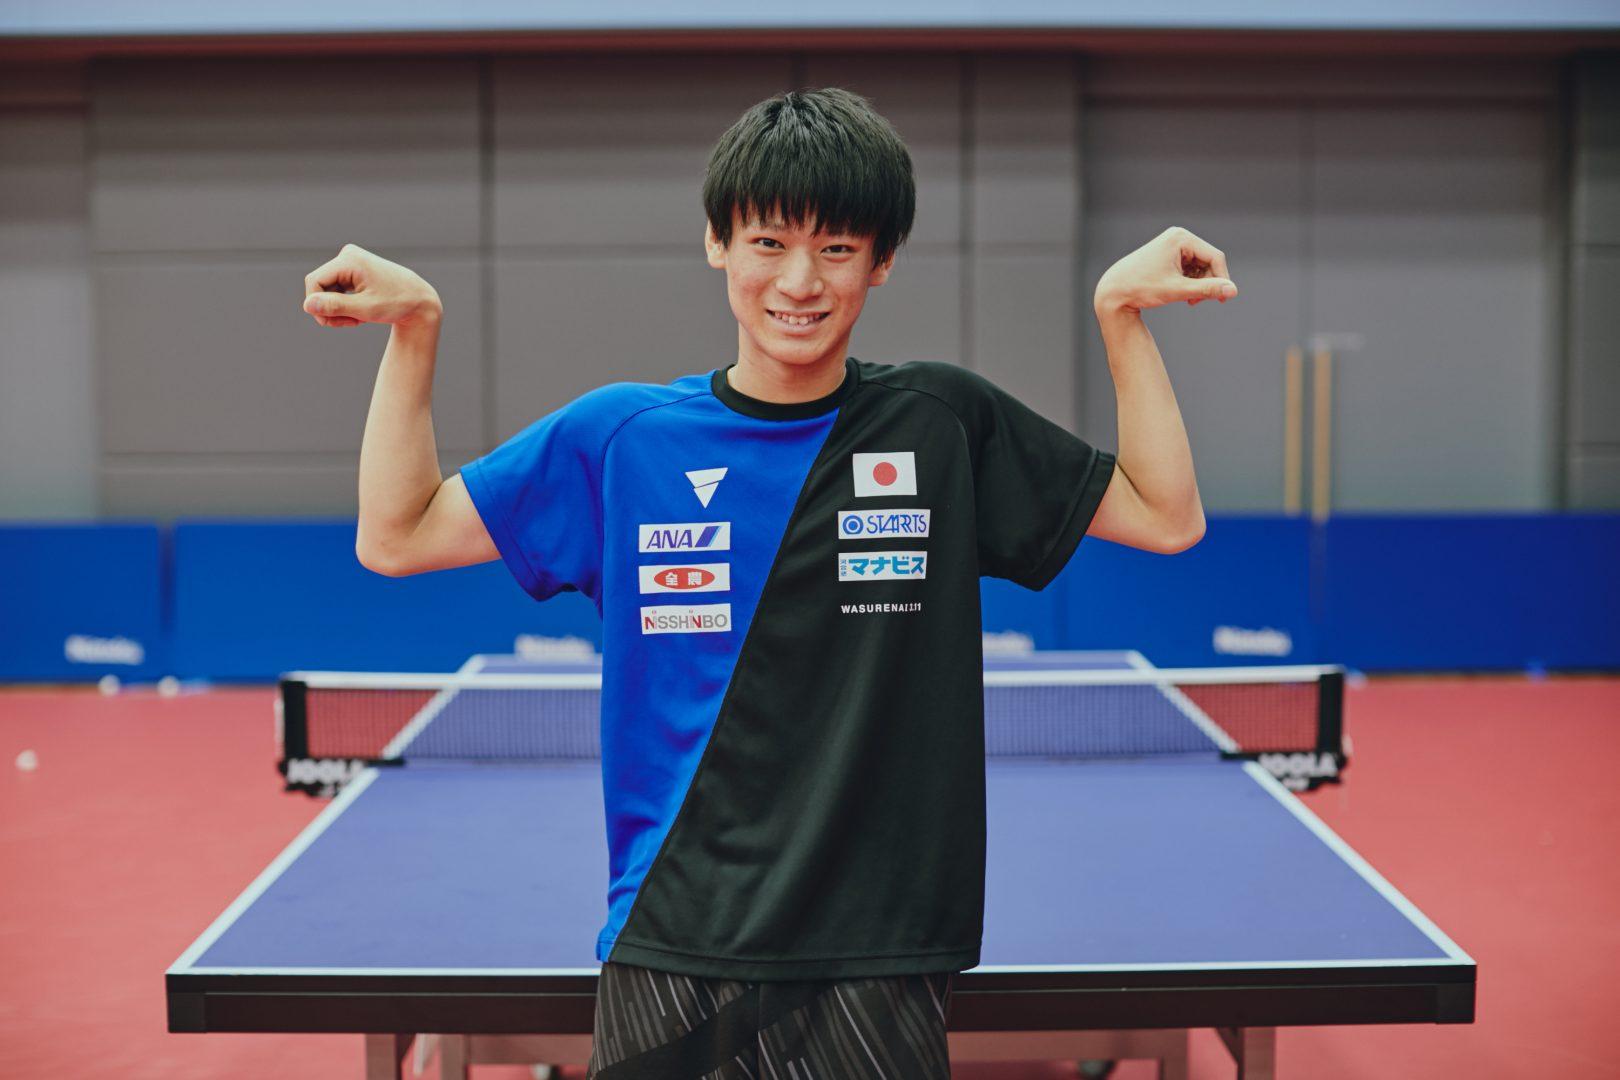 【予告】戸上隼輔インタビュー 恩師とライバルの存在、水谷隼との試合…高校生王者の卓球人生